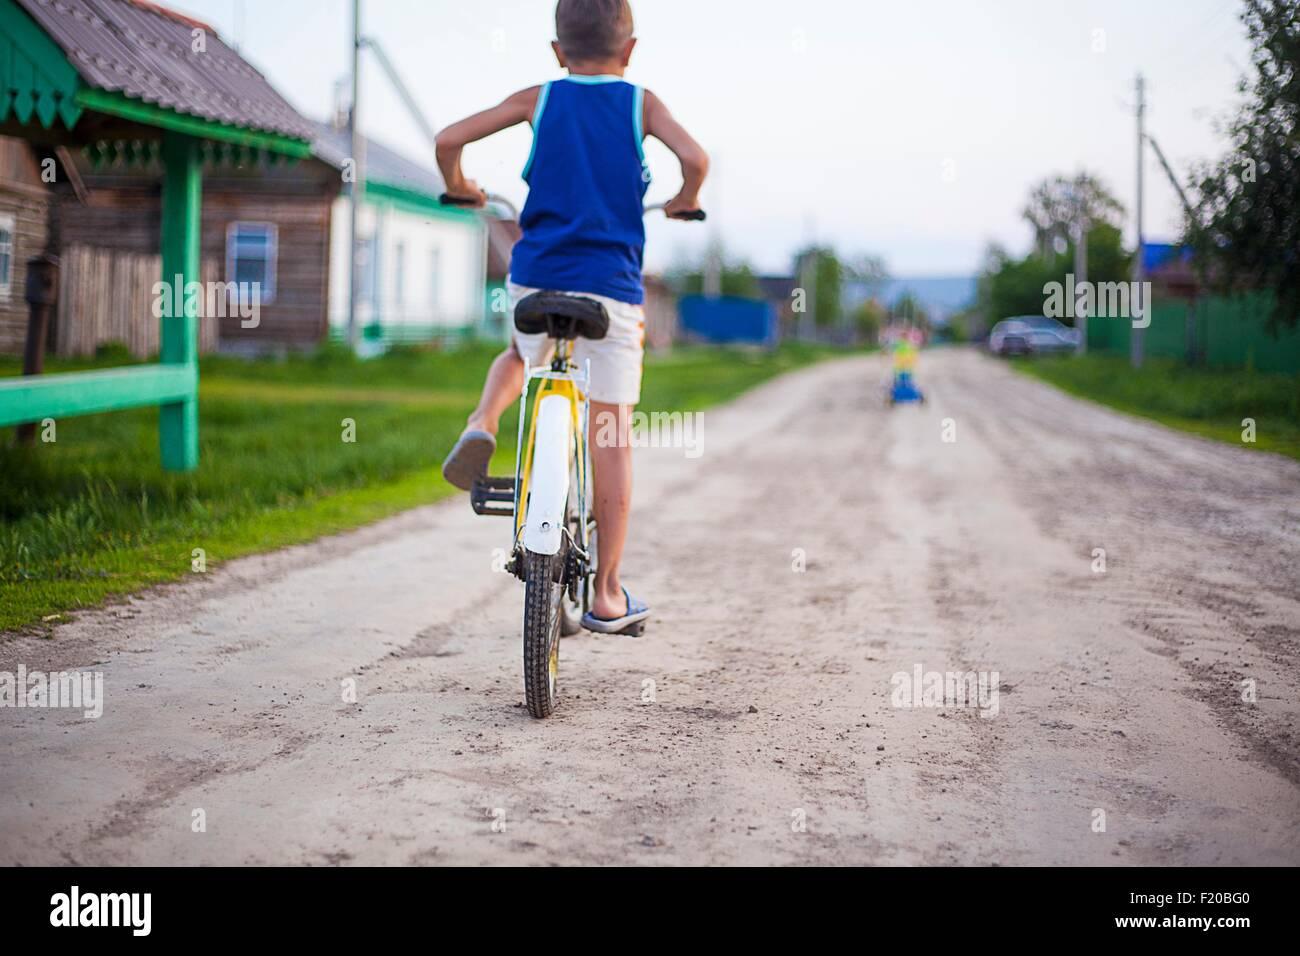 Joven, montando en bicicleta por camino de tierra, vista trasera Imagen De Stock